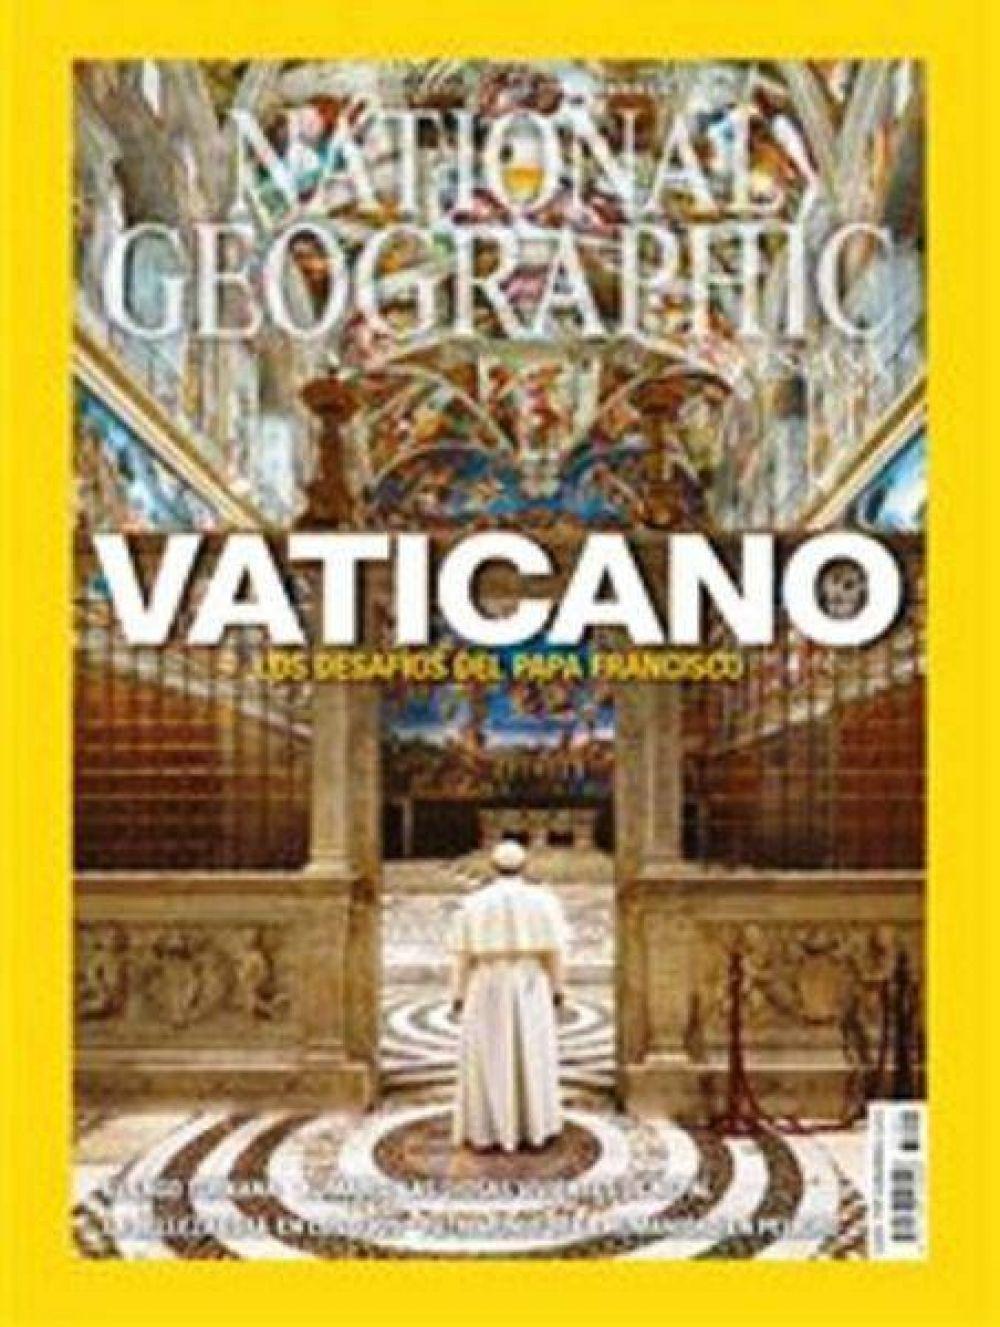 National Geographic dedica al Papa su portada de agosto